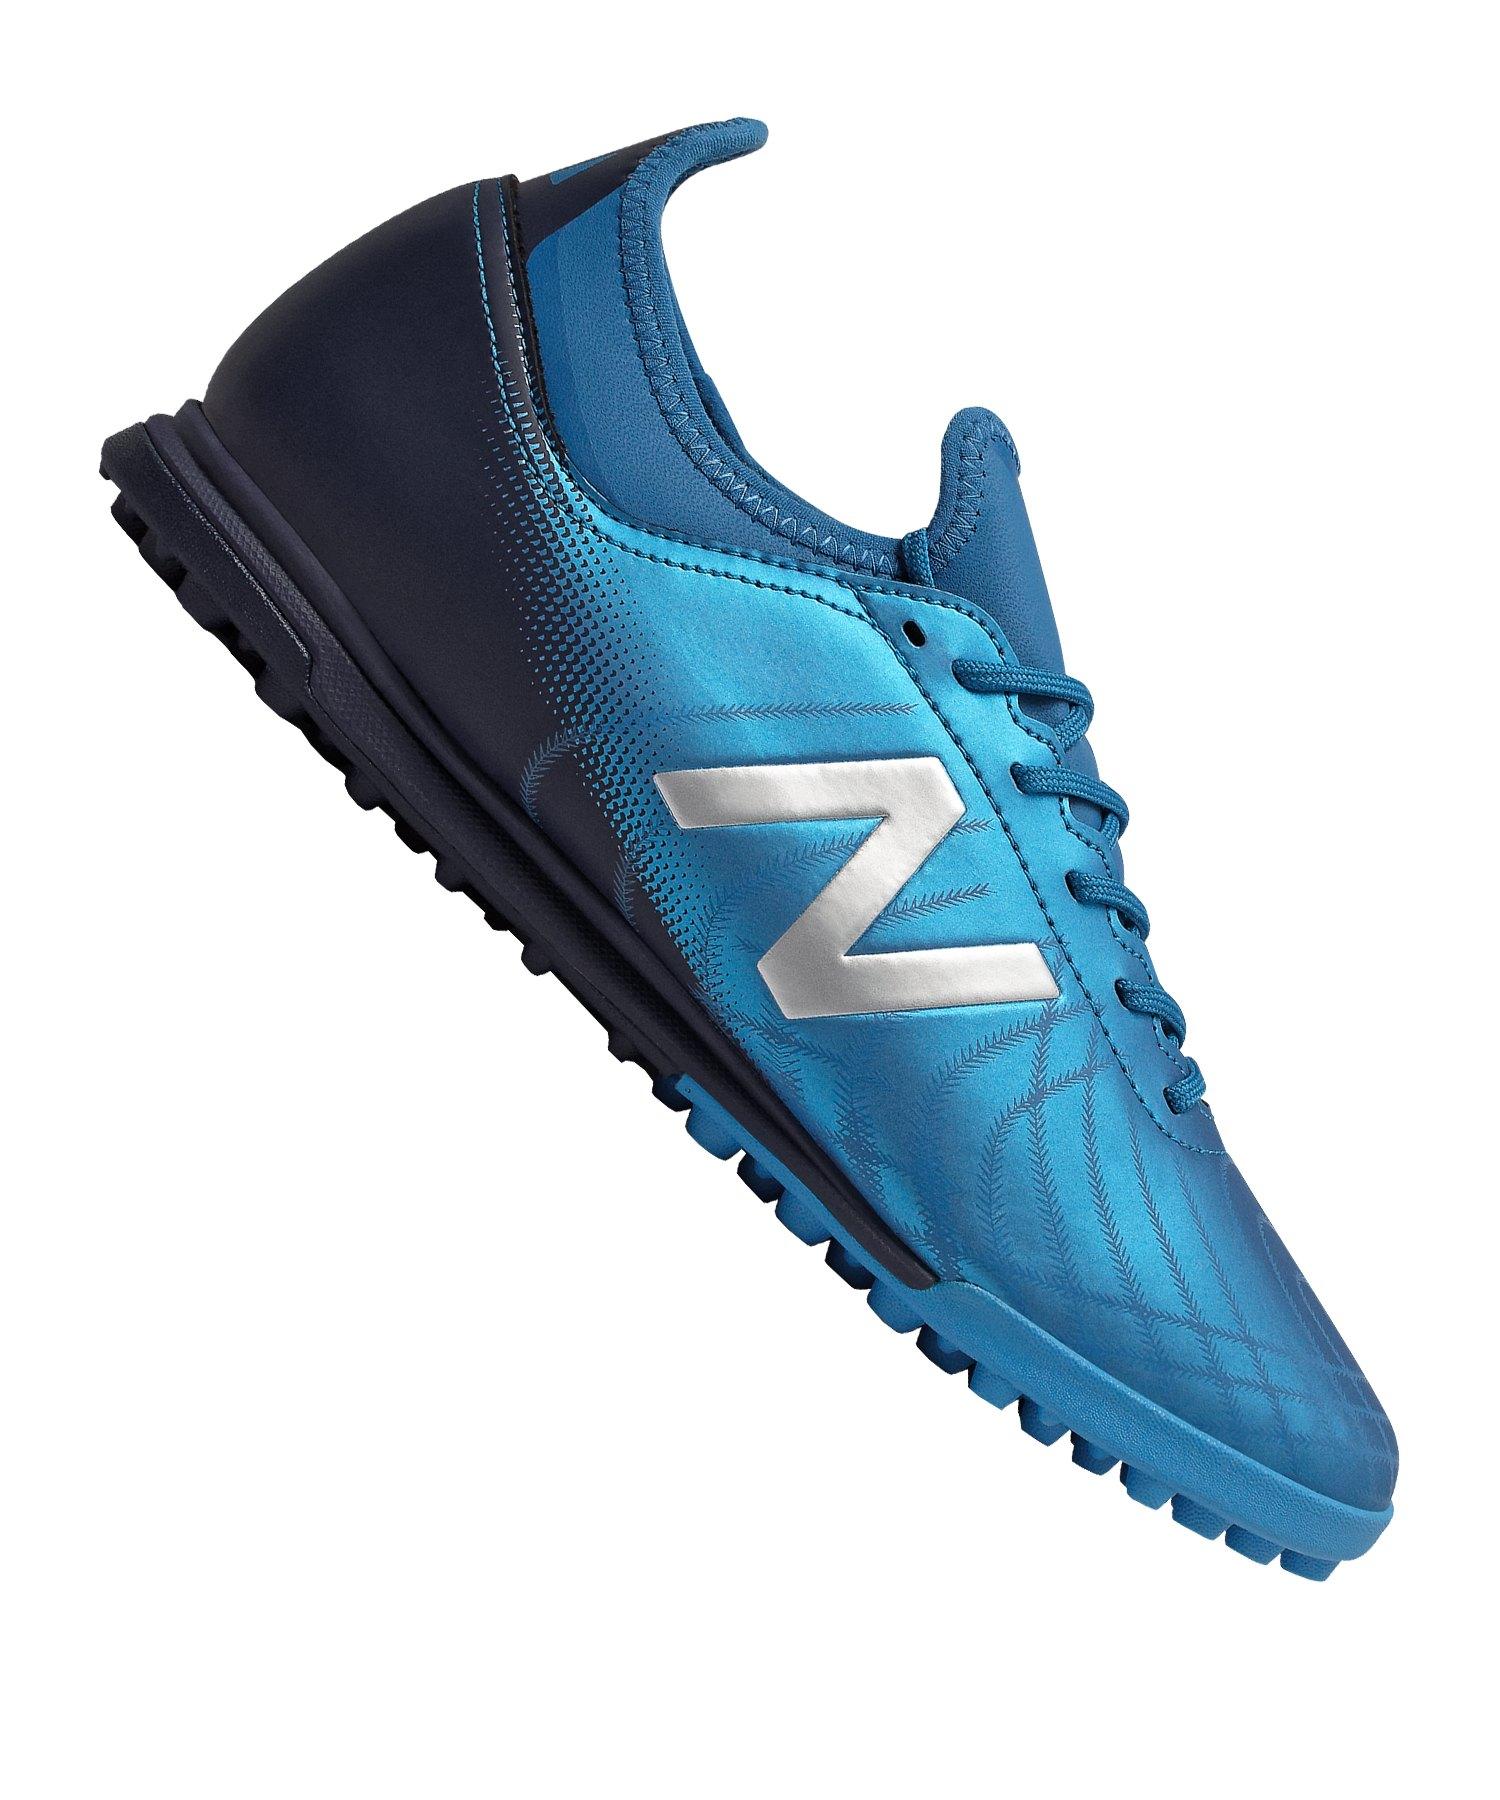 New Balance Tekela v2 Magique TF Blau F05 - blau